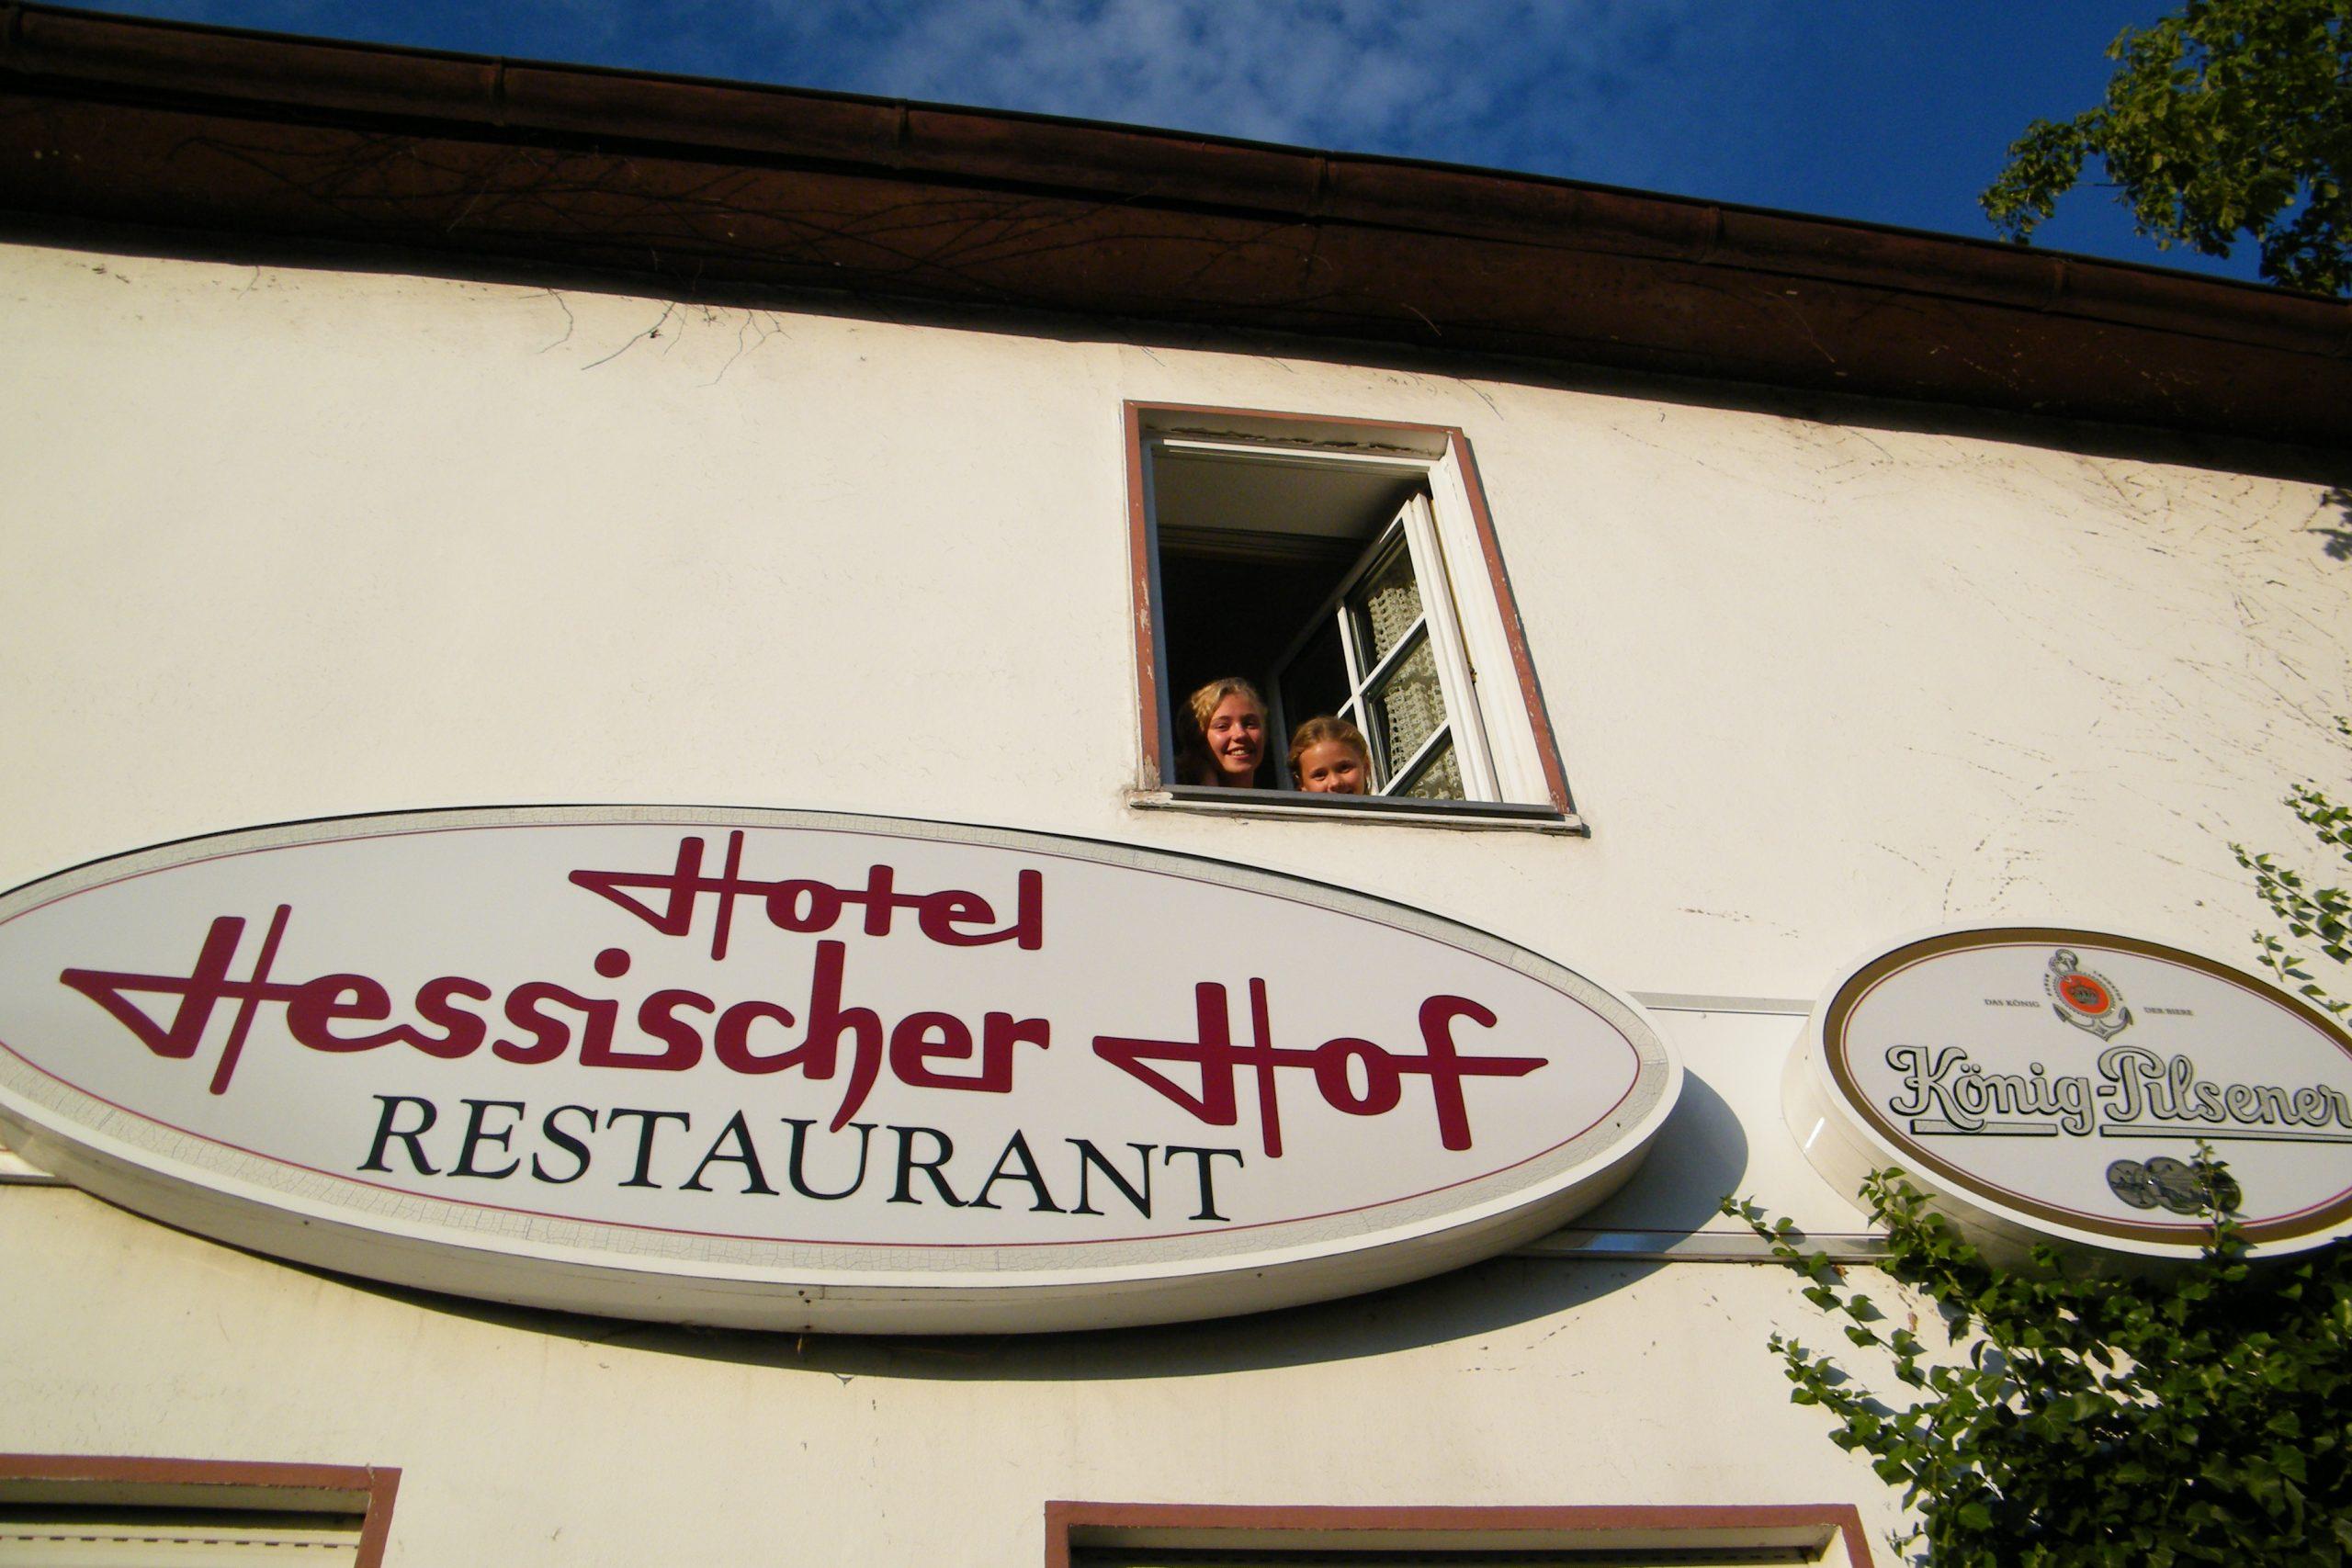 Bookingplatforme må ikke kræve af hoteller i Tyskland, at de giver platformene de laveste priser, hedder det i ny dom. Arkivfoto fra tysk hotel: Henrik Baumgarten.